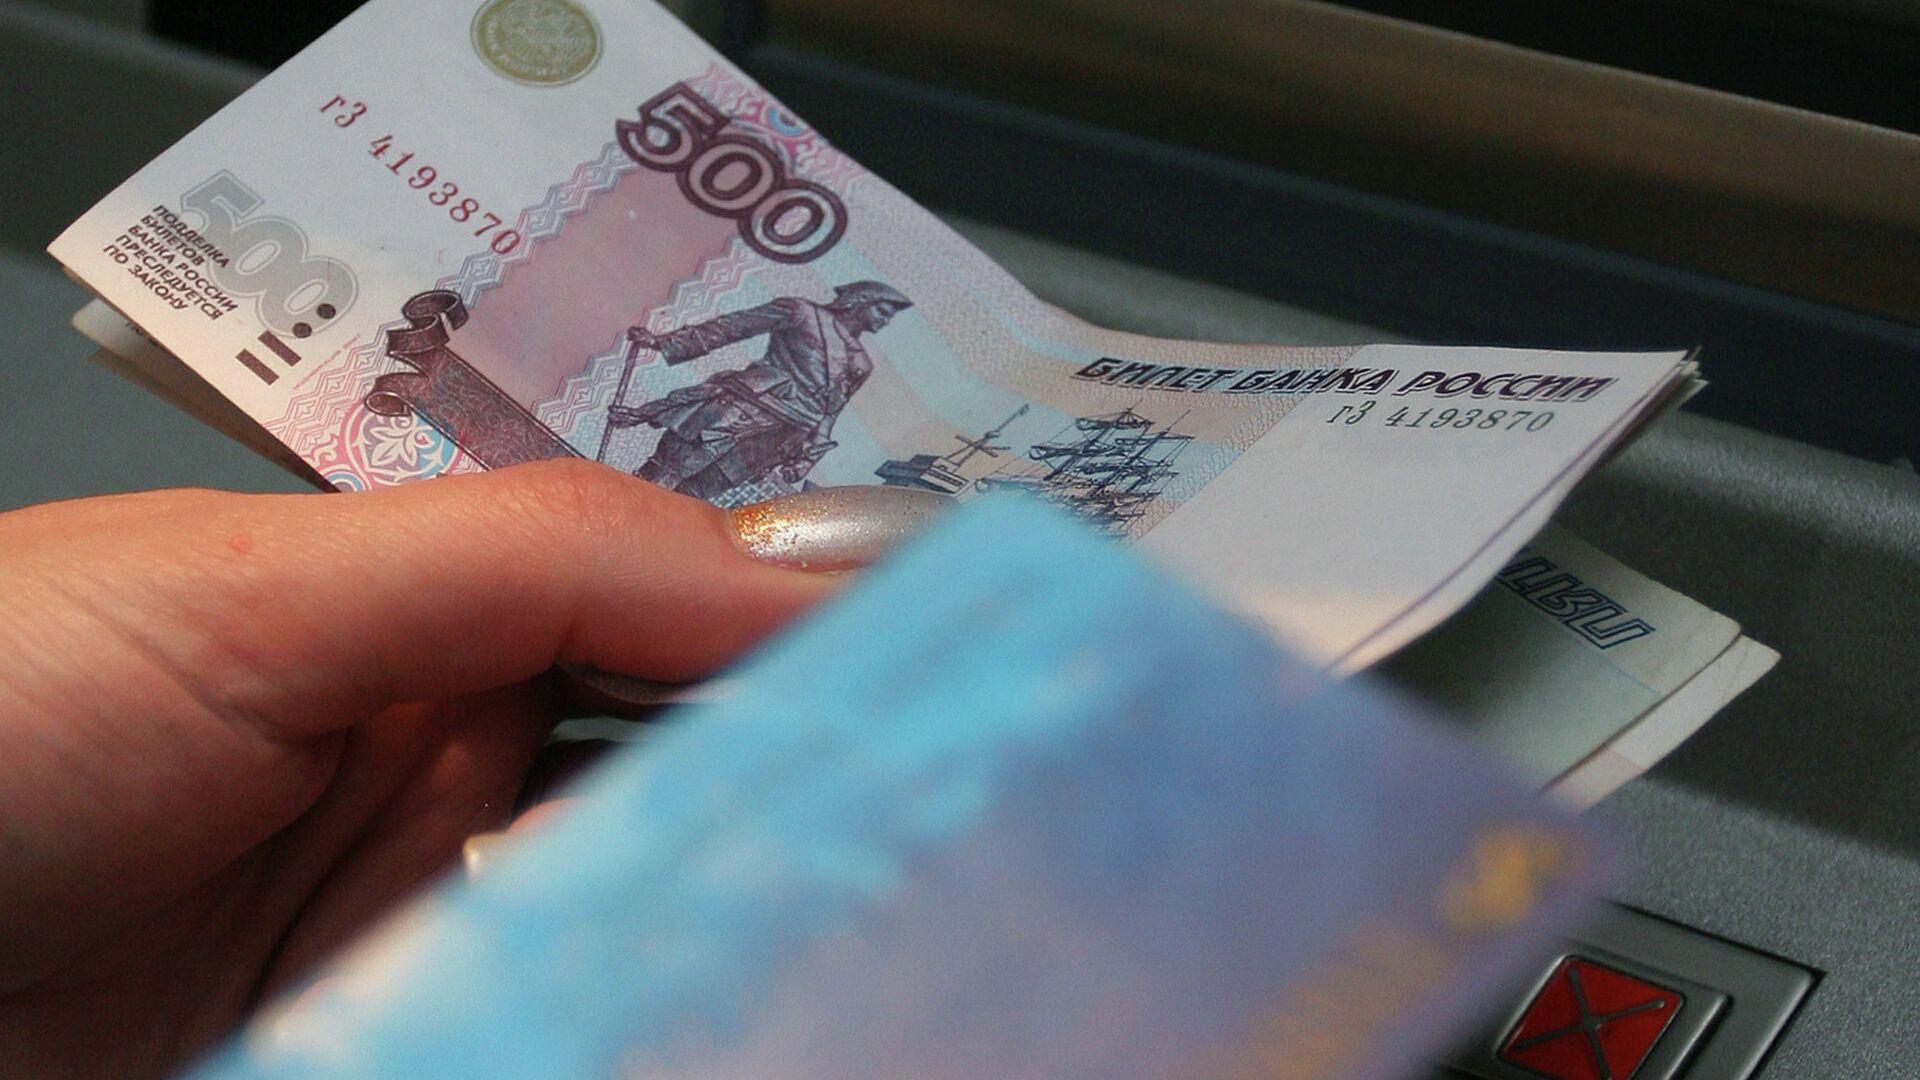 Снятие наличных денег через банкомат - РИА Новости, 1920, 17.05.2021